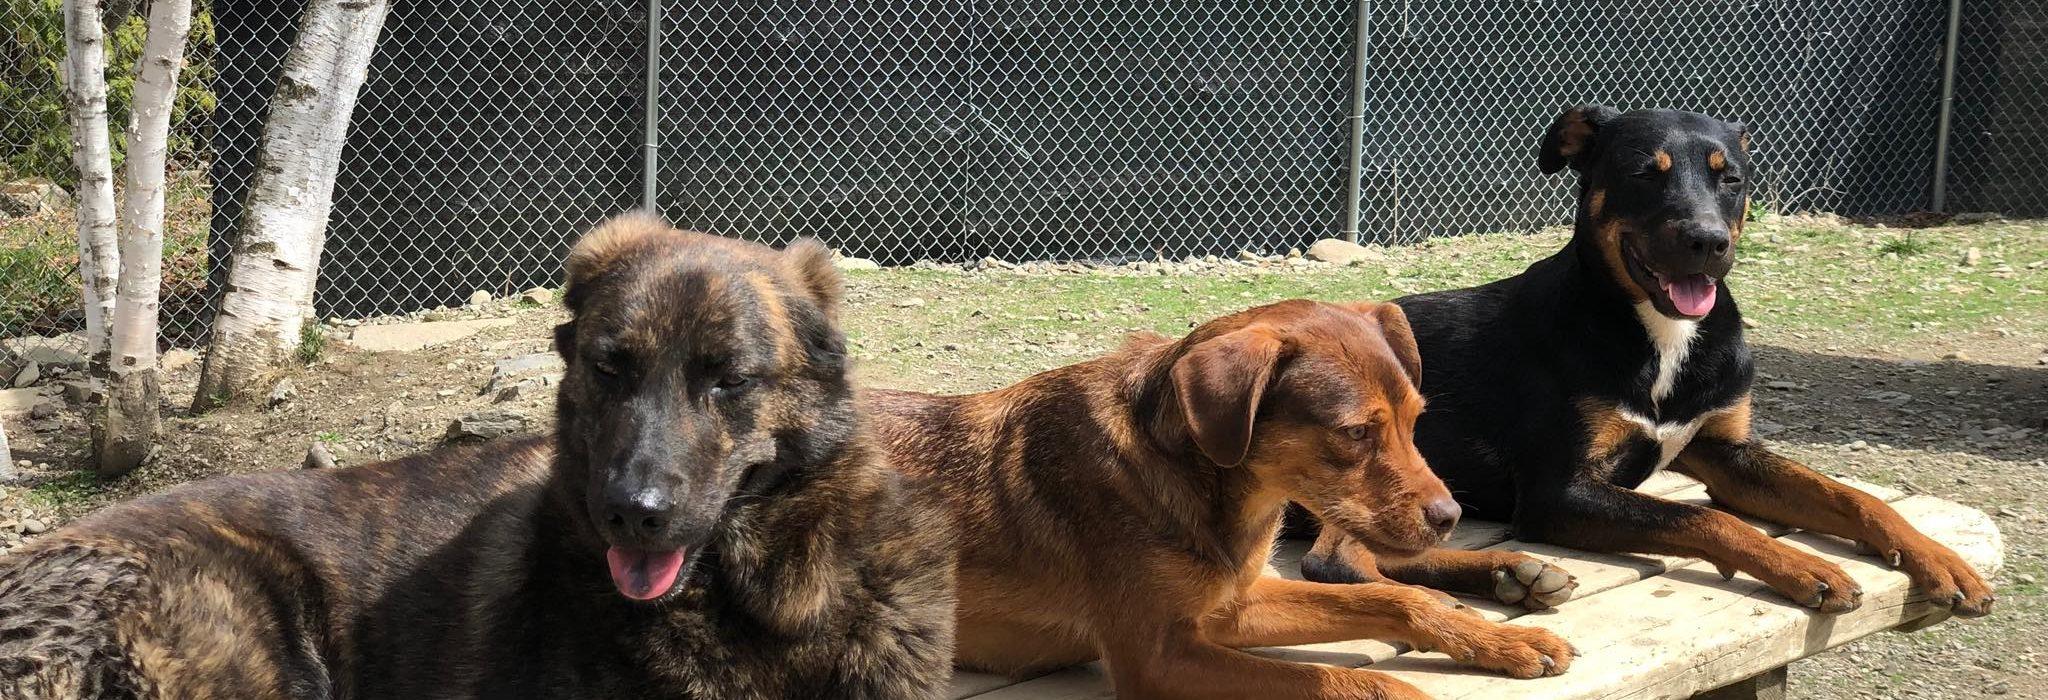 Grooming Bangor Pet Resort